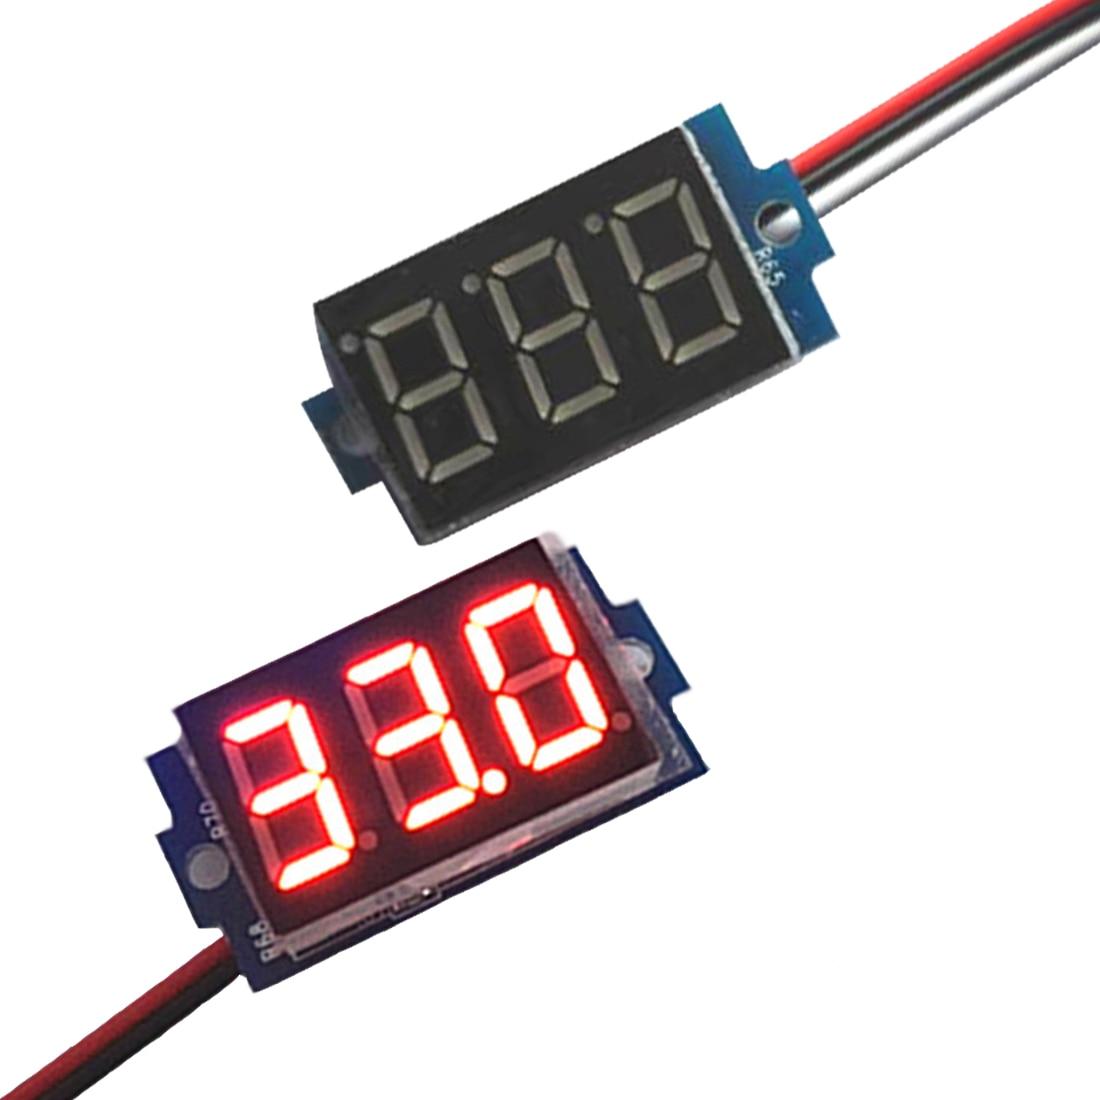 New Brand Direct Current DC 0-99.9V 0.36 Inch Red LED Digital Display Voltmeter Panel